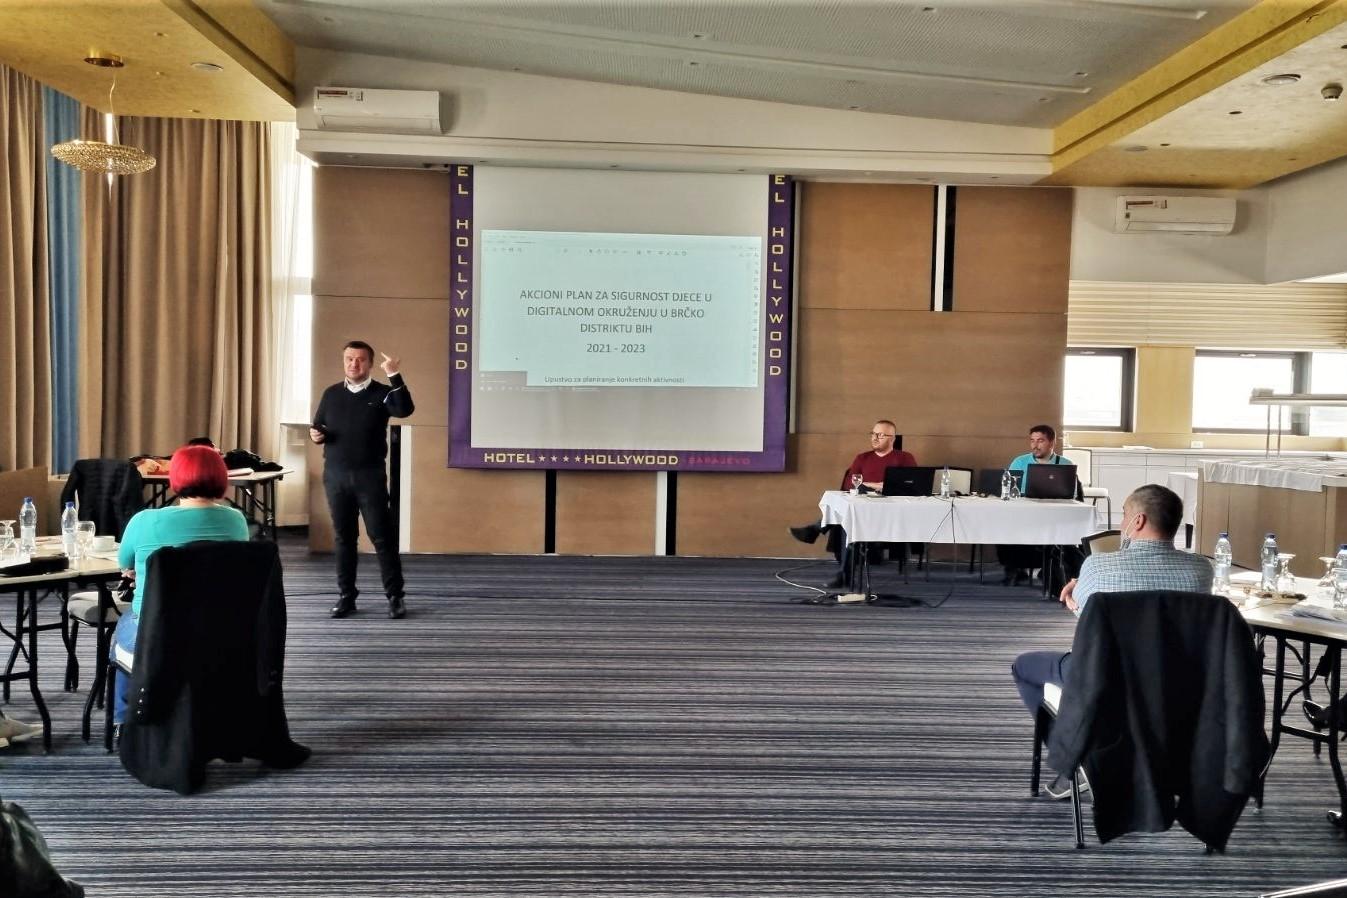 """Održan drugi sastanak Radne grupe za izradu """"Strateškog programa: Sigurnost djece u digitalnom okruženju u FBiH"""" i """"Akcionog plana za borbu protiv nasilja nad djecom u digitalnom okruženju"""" za period 2021-2023."""